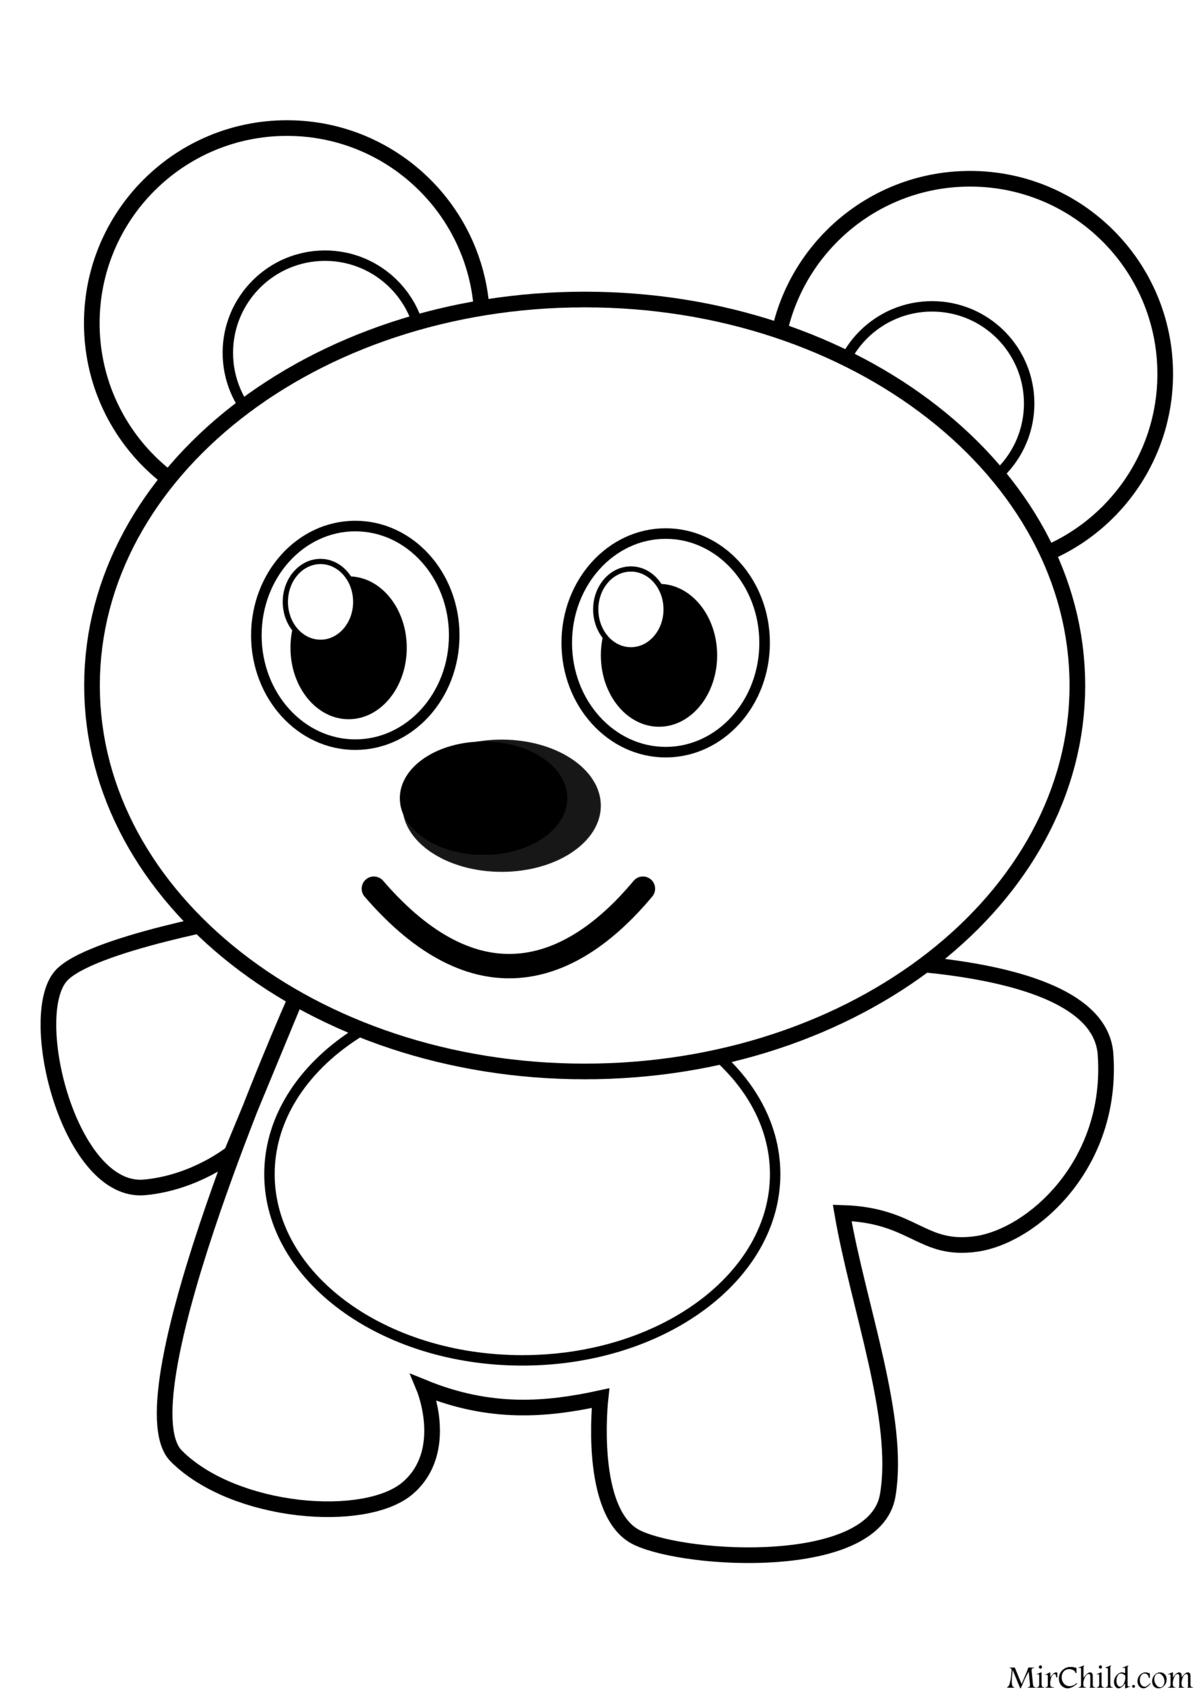 Картинка мишка для детей раскраска, своими руками дню